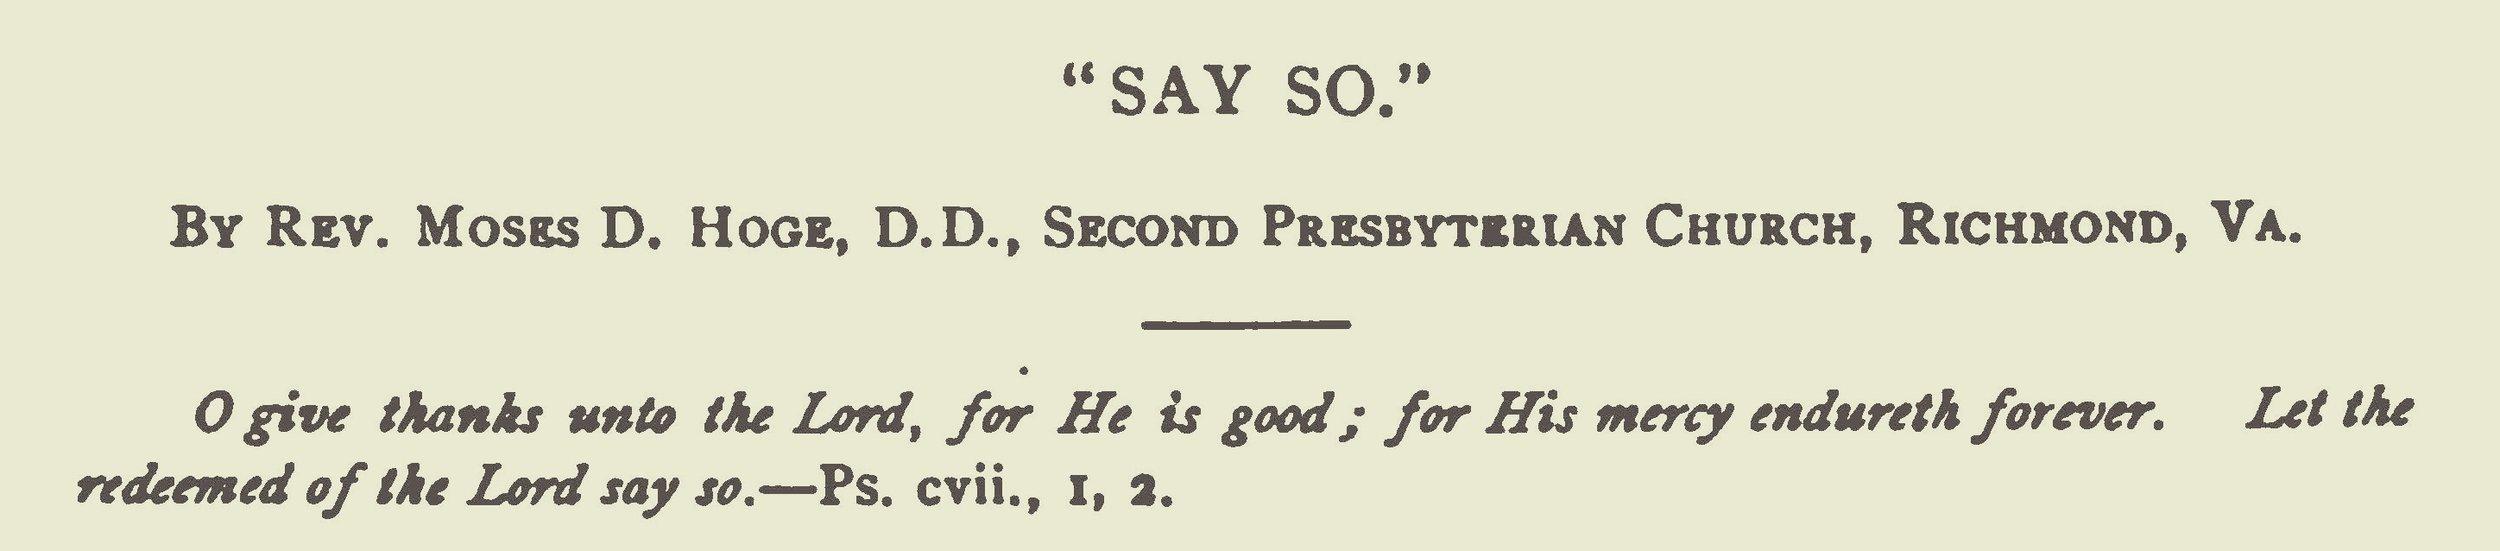 Hoge, Moses Drury, Say So Title Page.jpg